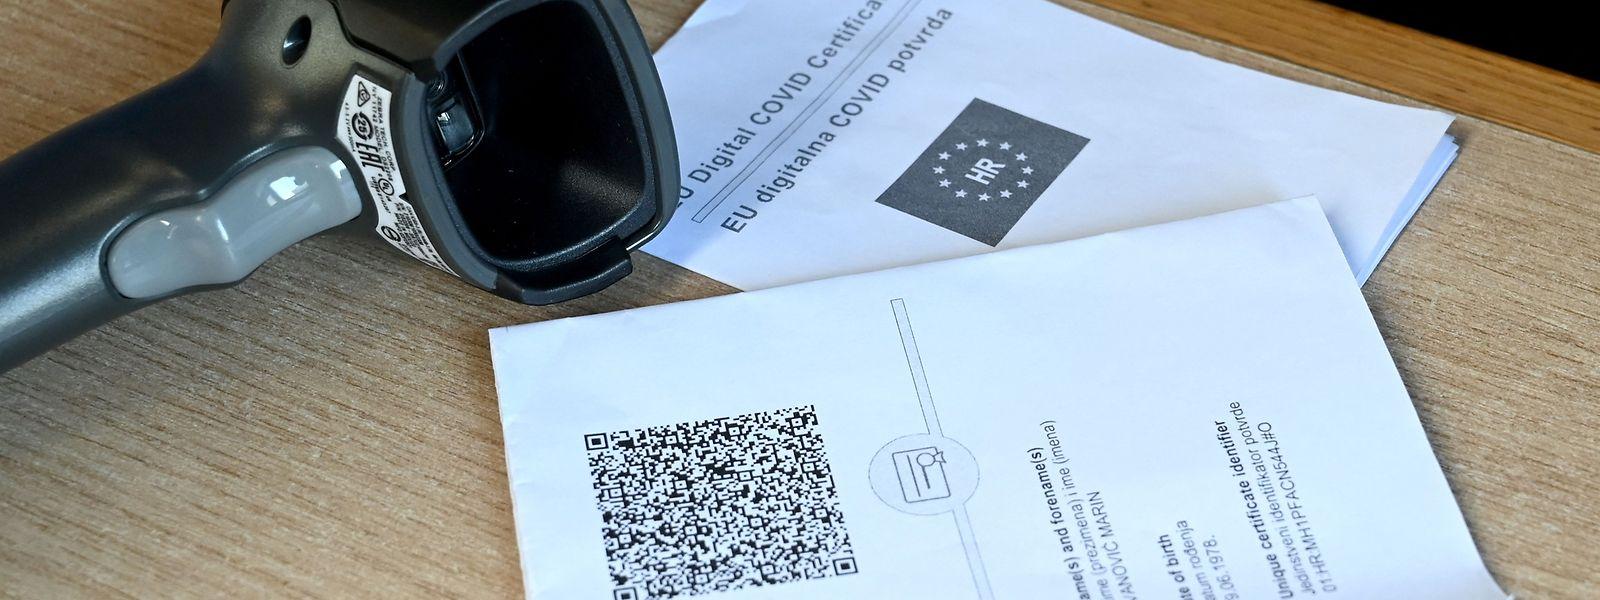 QR-Code-Scanner und das Zertifikat werden in naher Zukunft wohl den Alltag mitbestimmen.